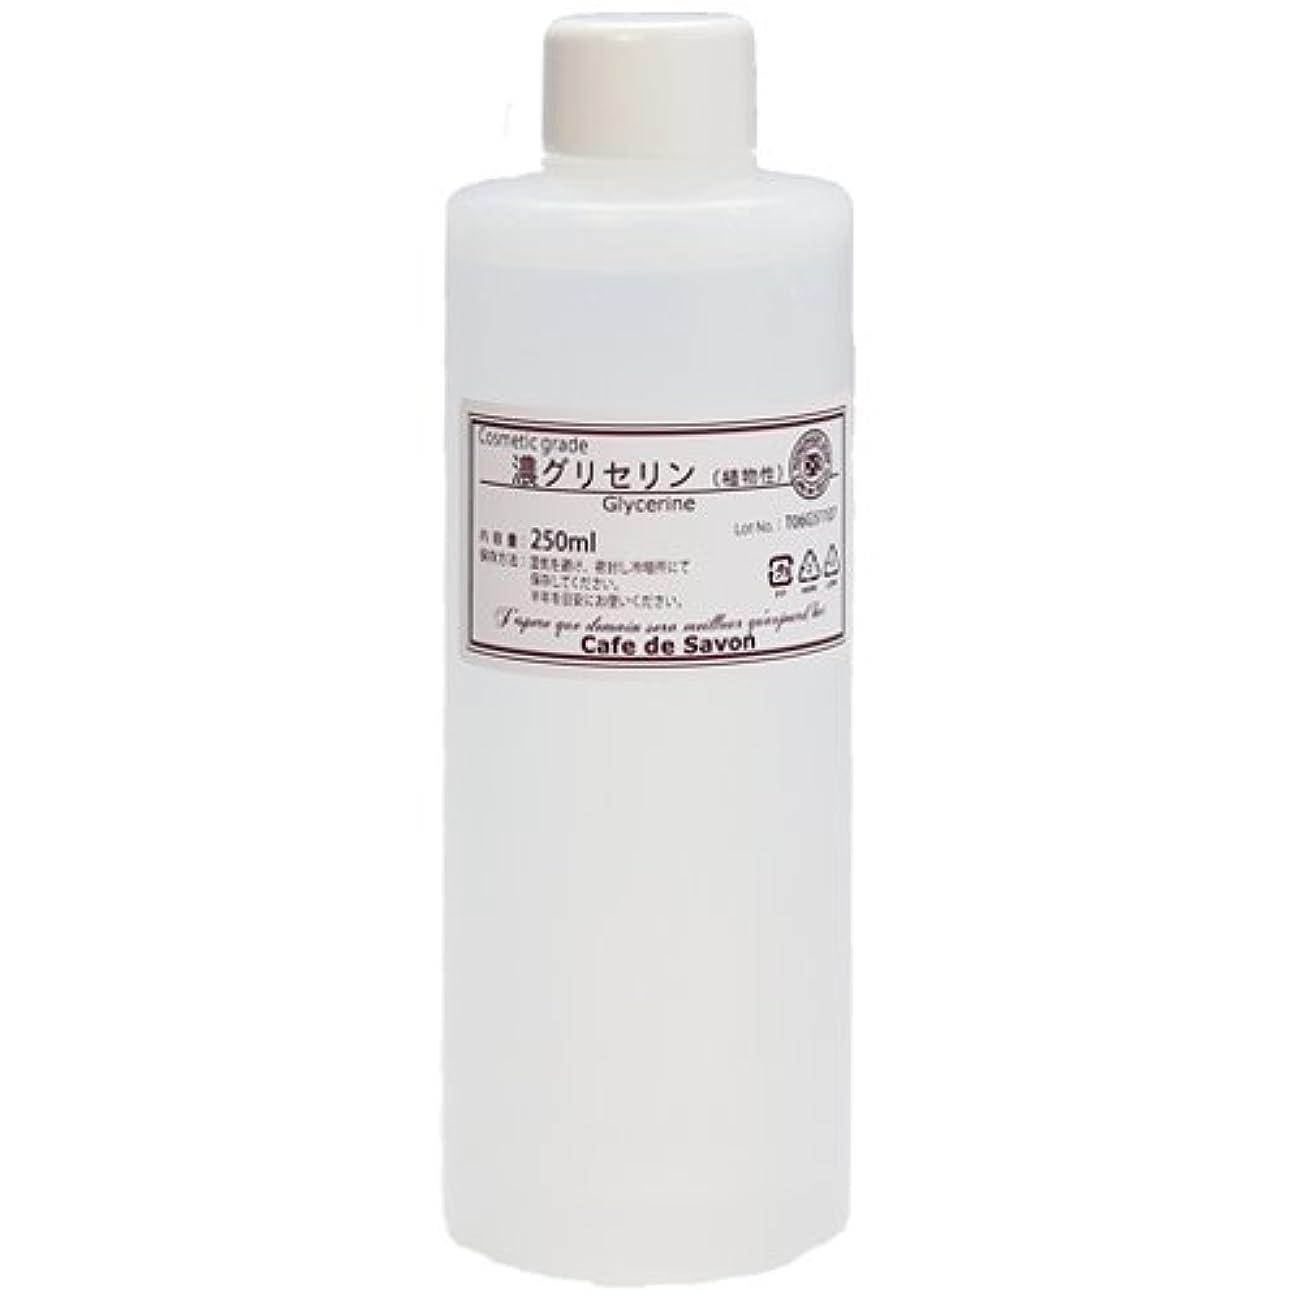 展示会物理学者香水濃グリセリン[植物性] 250ml 【手作り石鹸/手作りコスメ】